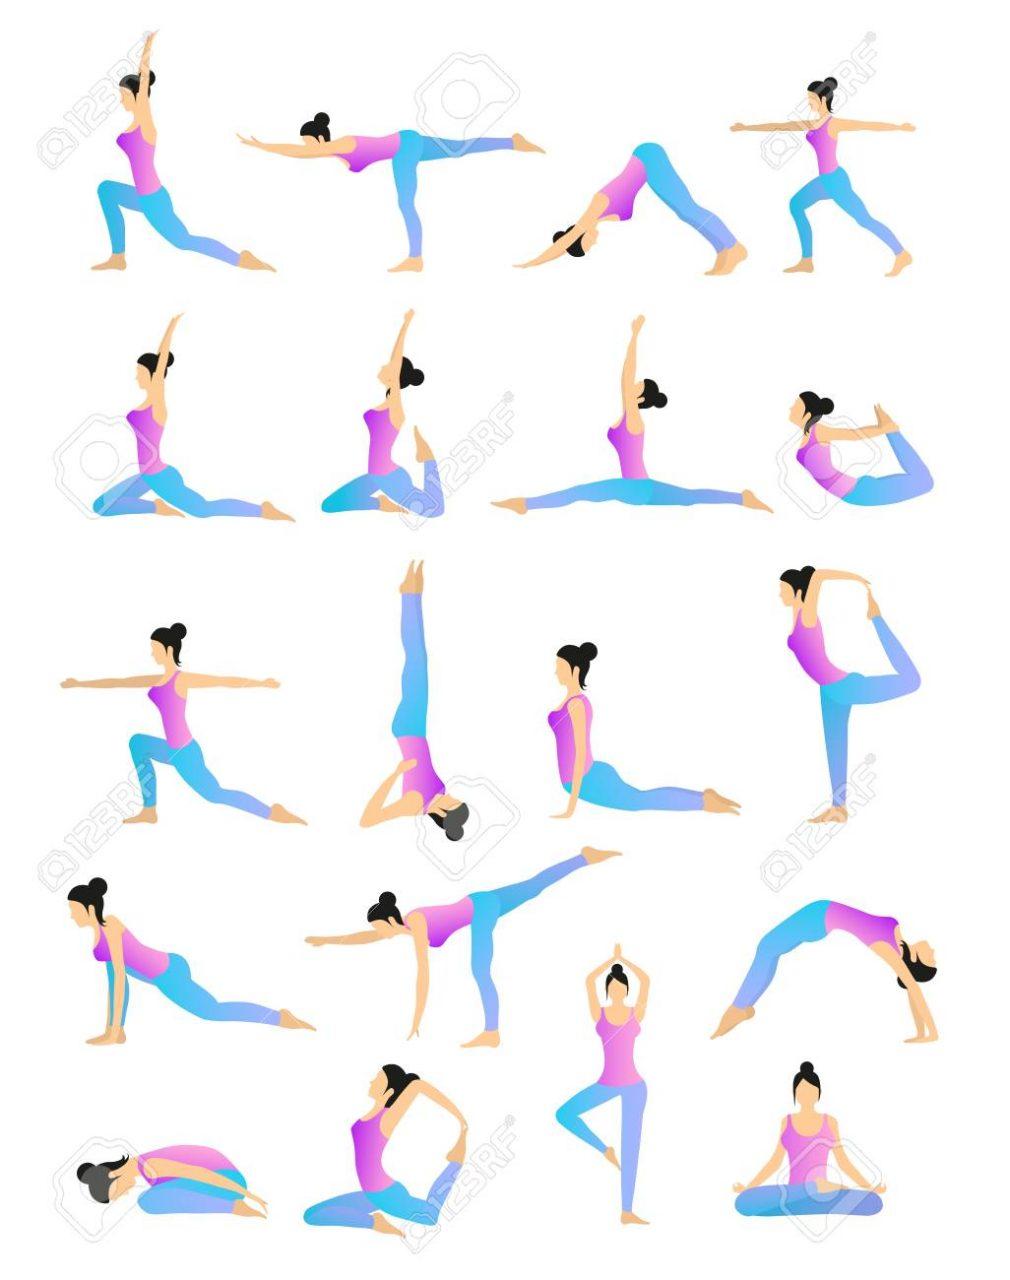 En este momento estás viendo Movimientos de yoga